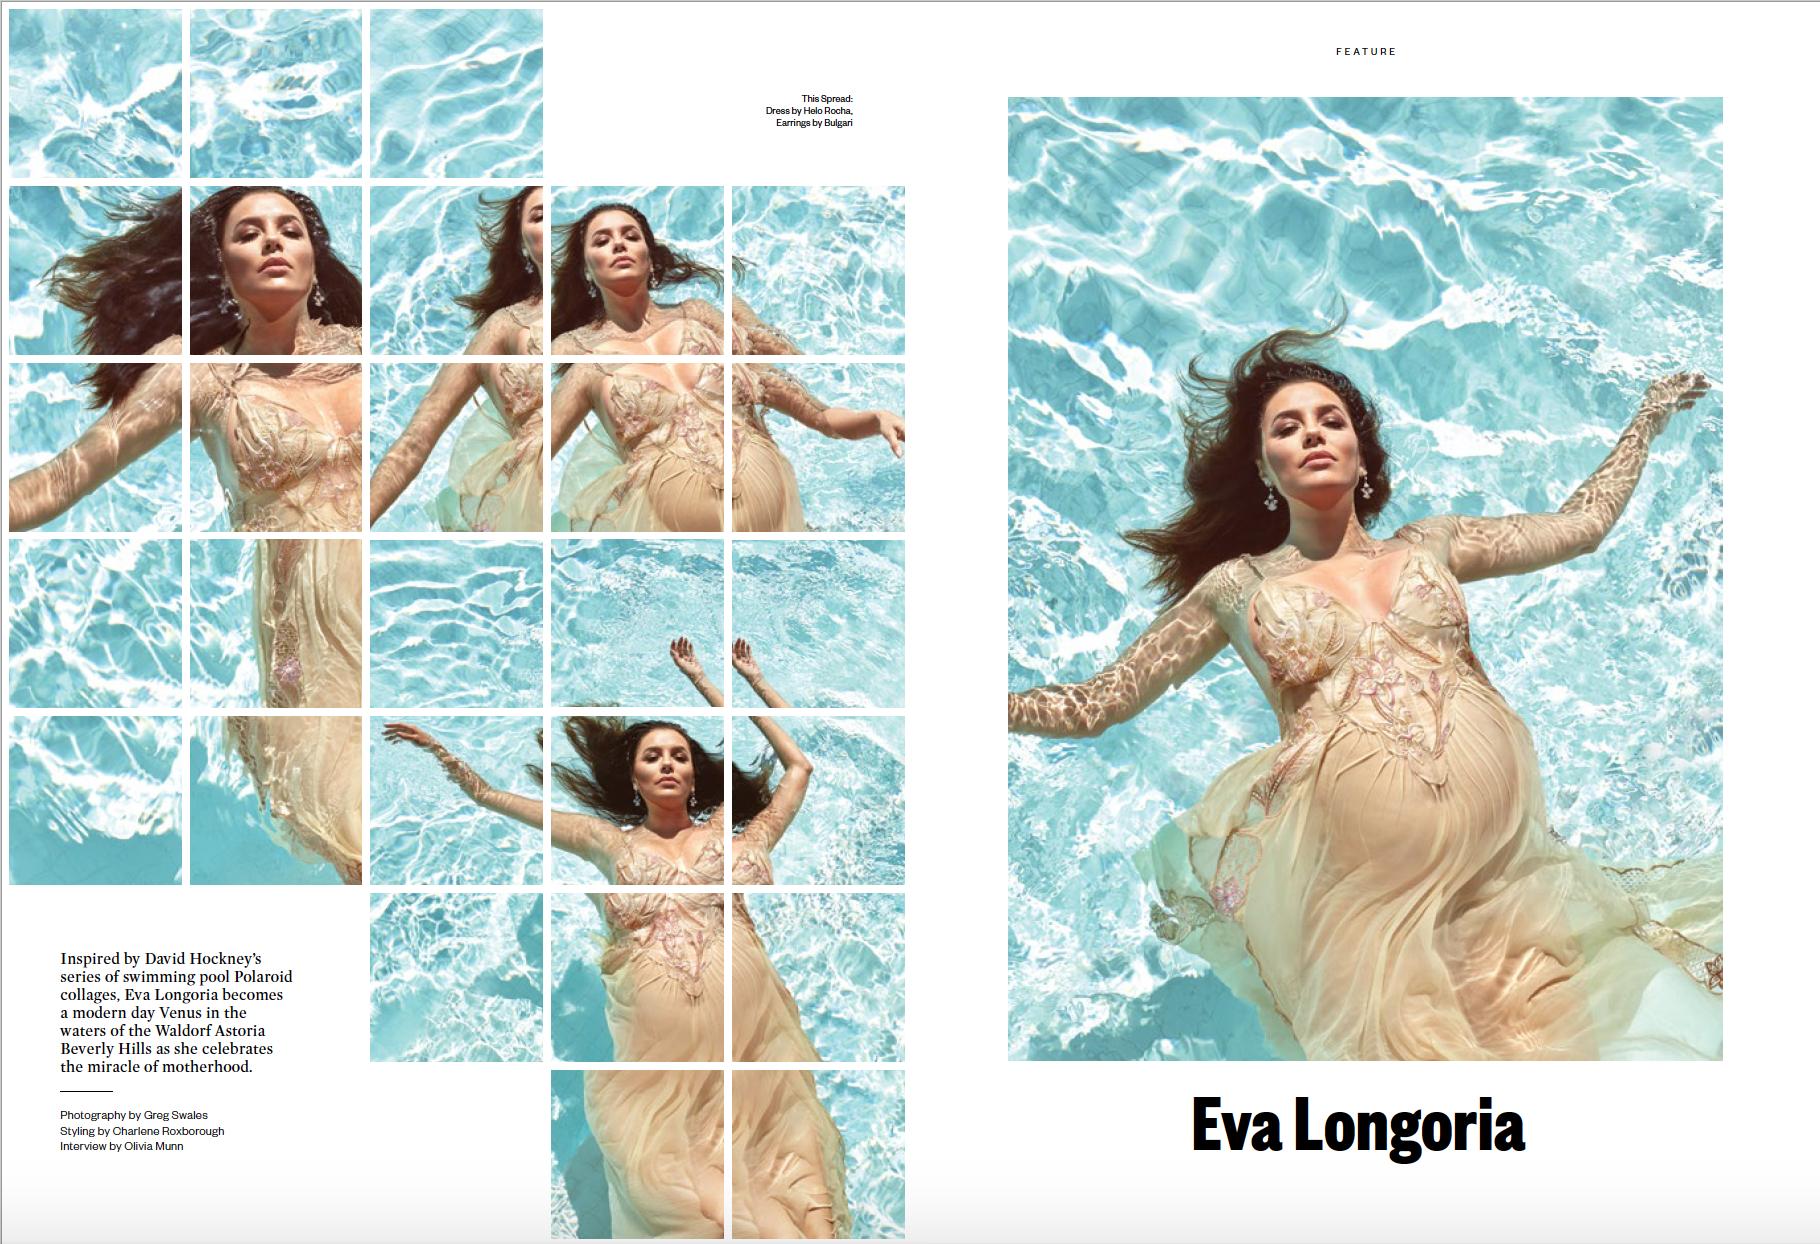 EVA_LONGORIA_1.png